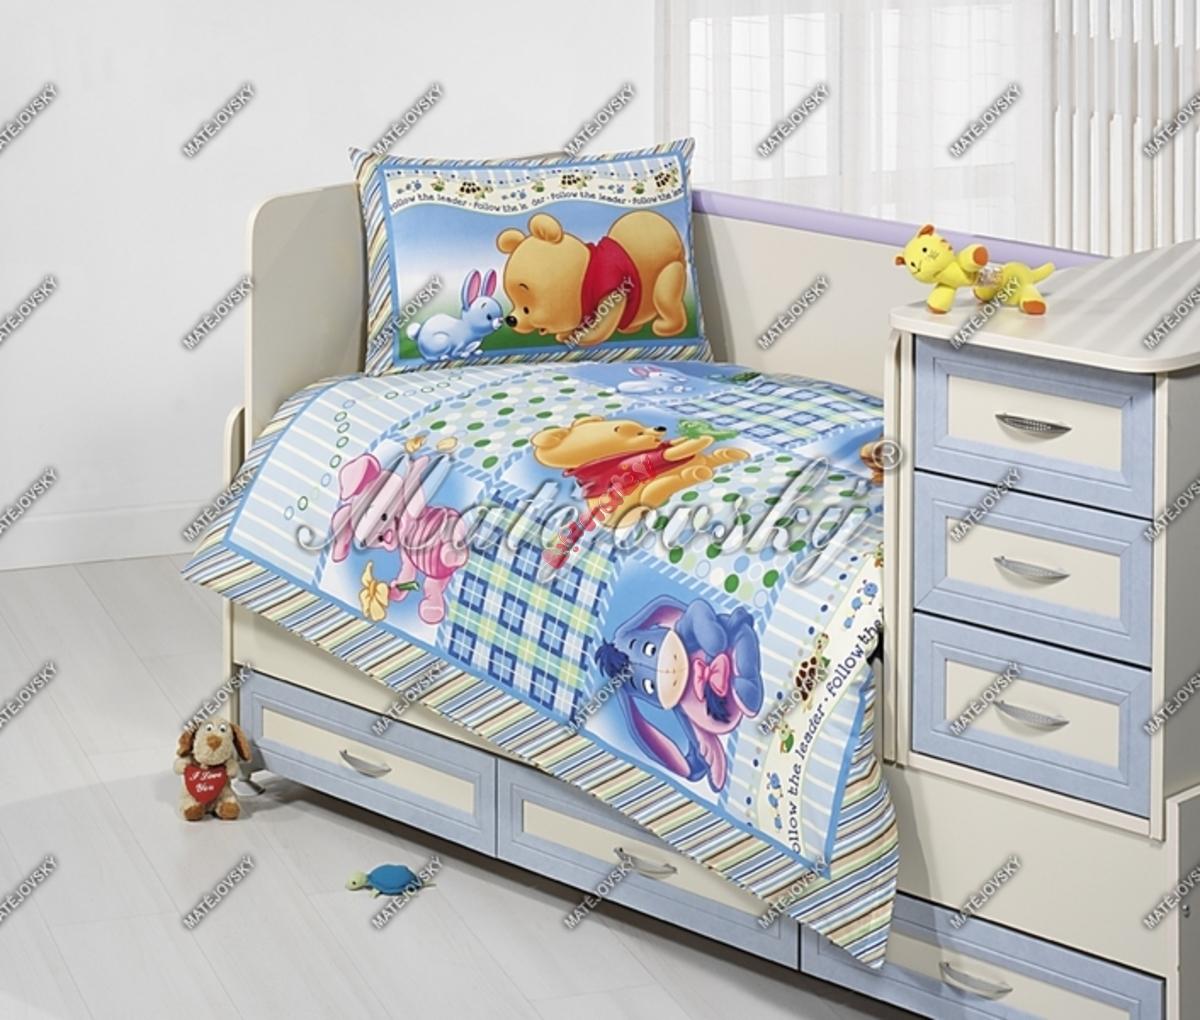 Gyerek ágynemű - Micimackó patchwork - banaby.hu 737b5fa5a2